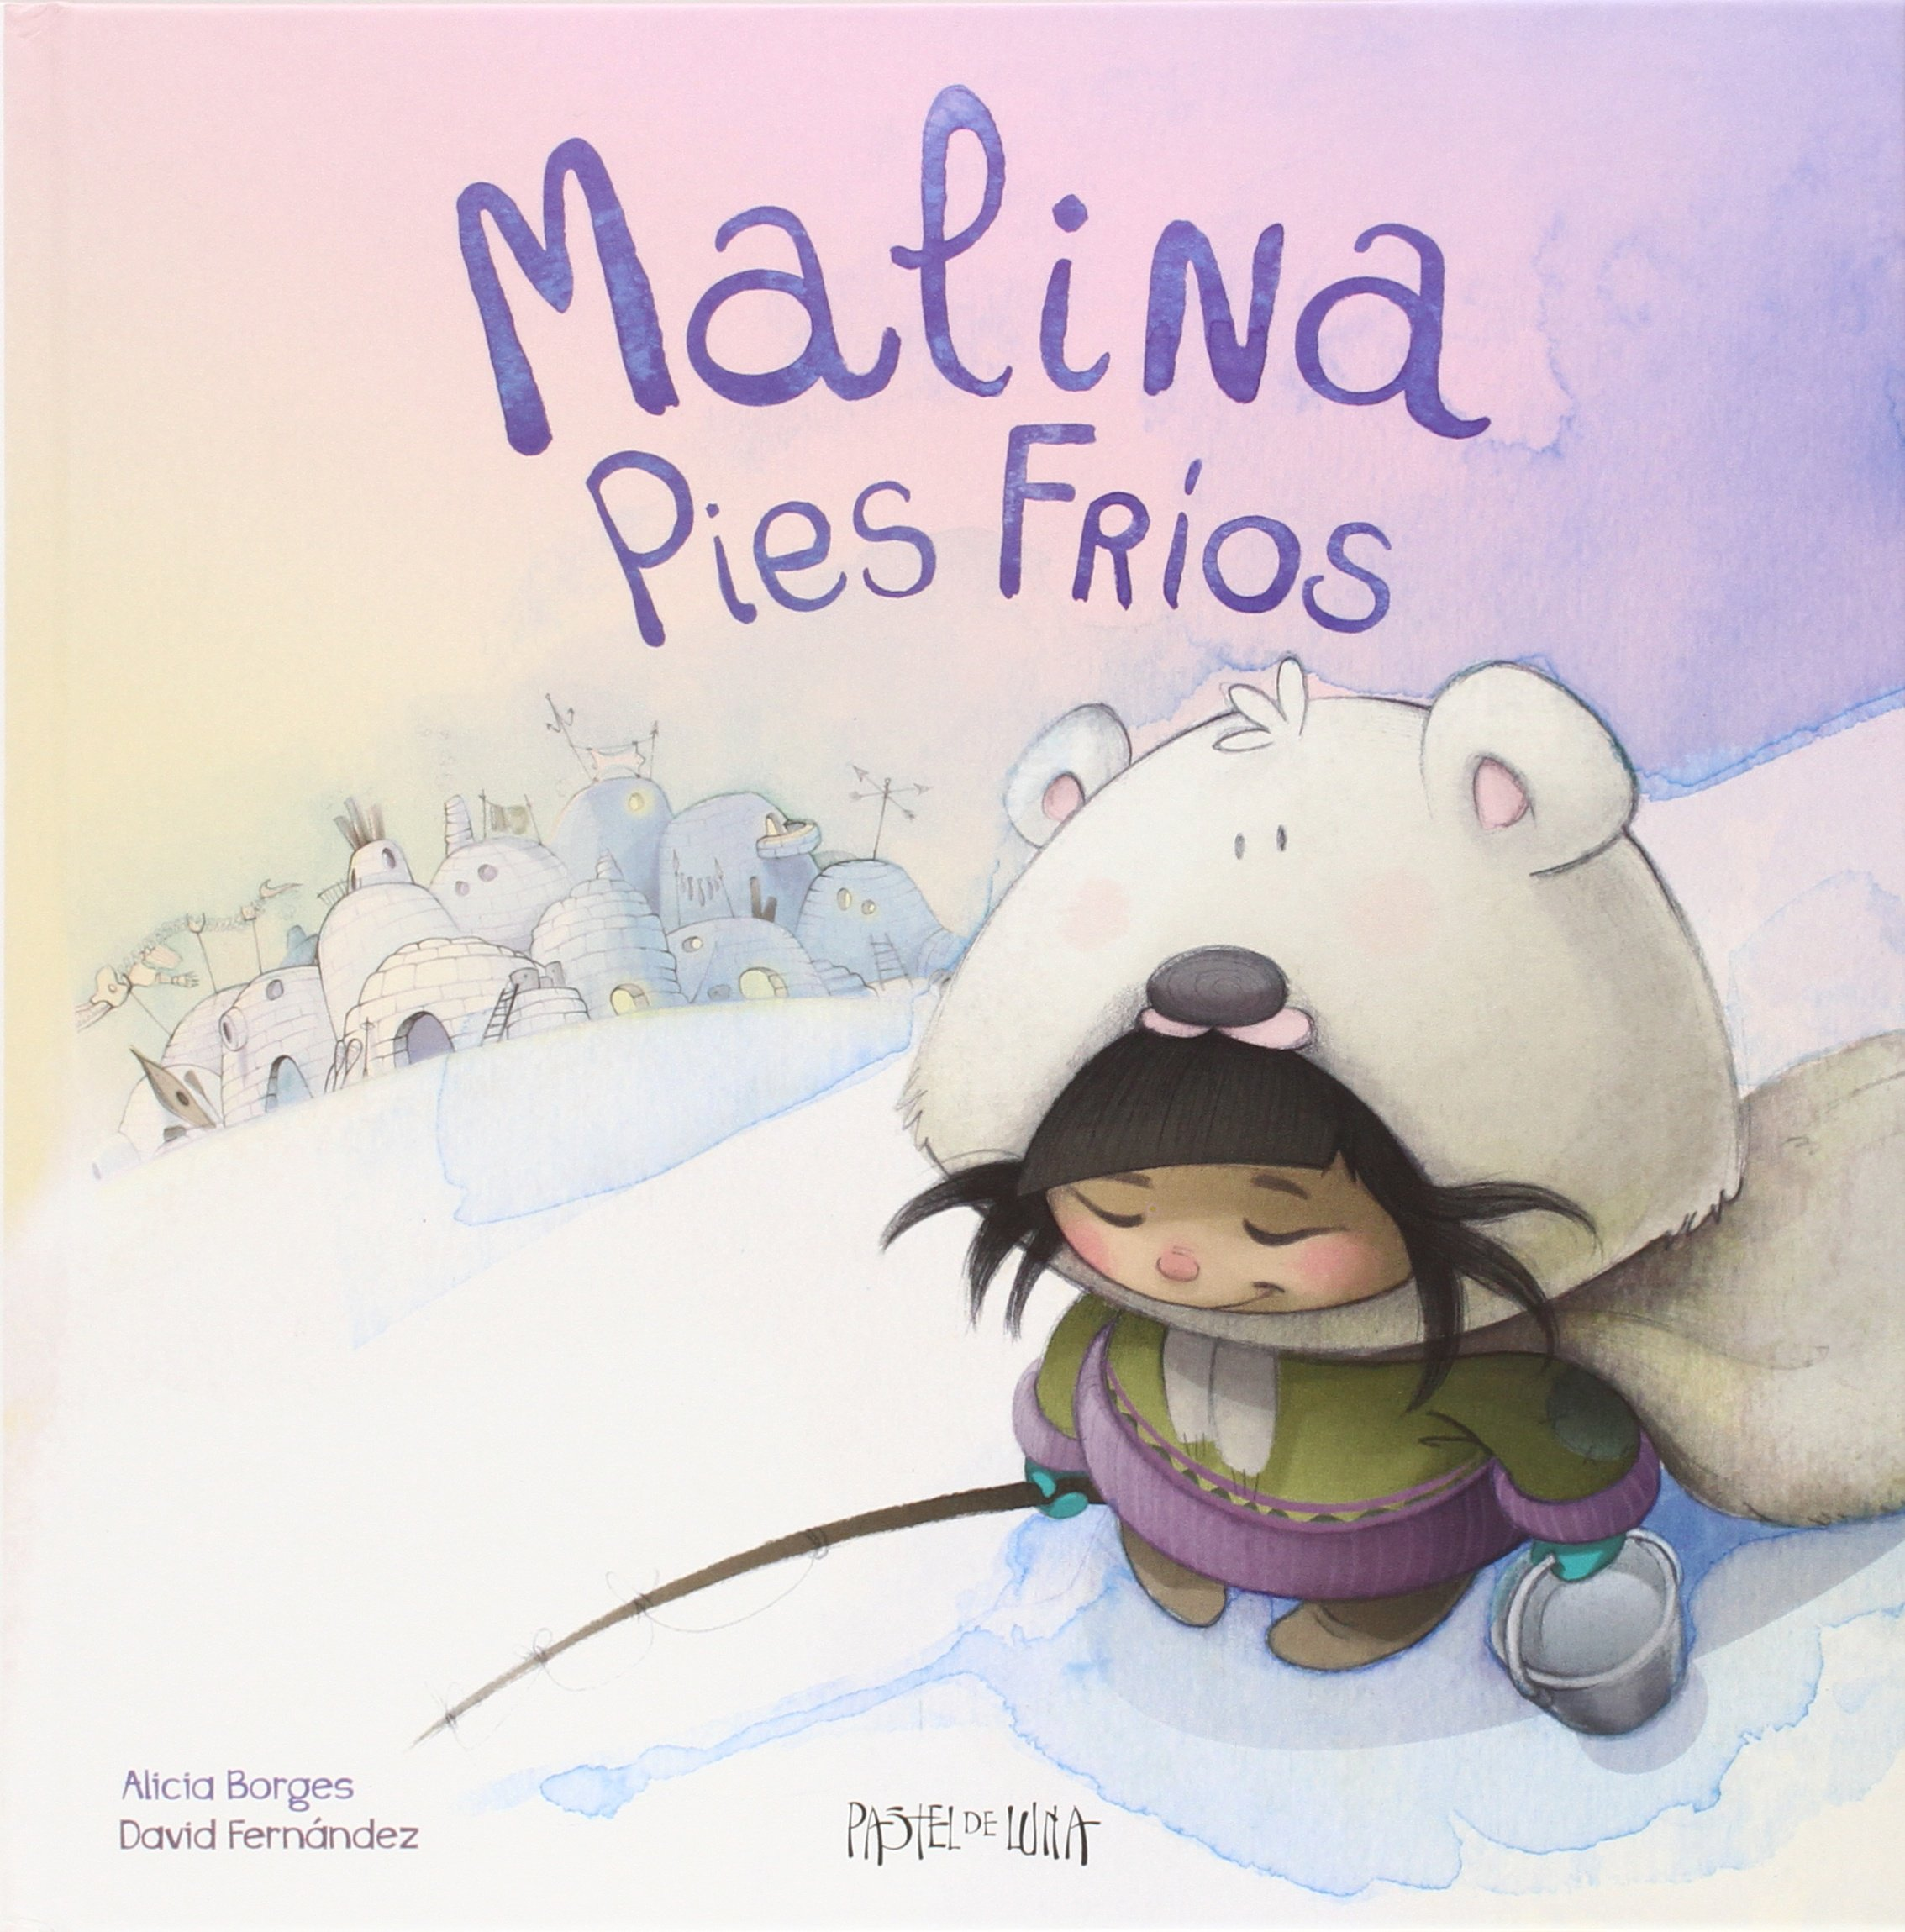 MALINA PIES FRÍOS (COSECHA PROPIA): Amazon.es: David Fernández ...